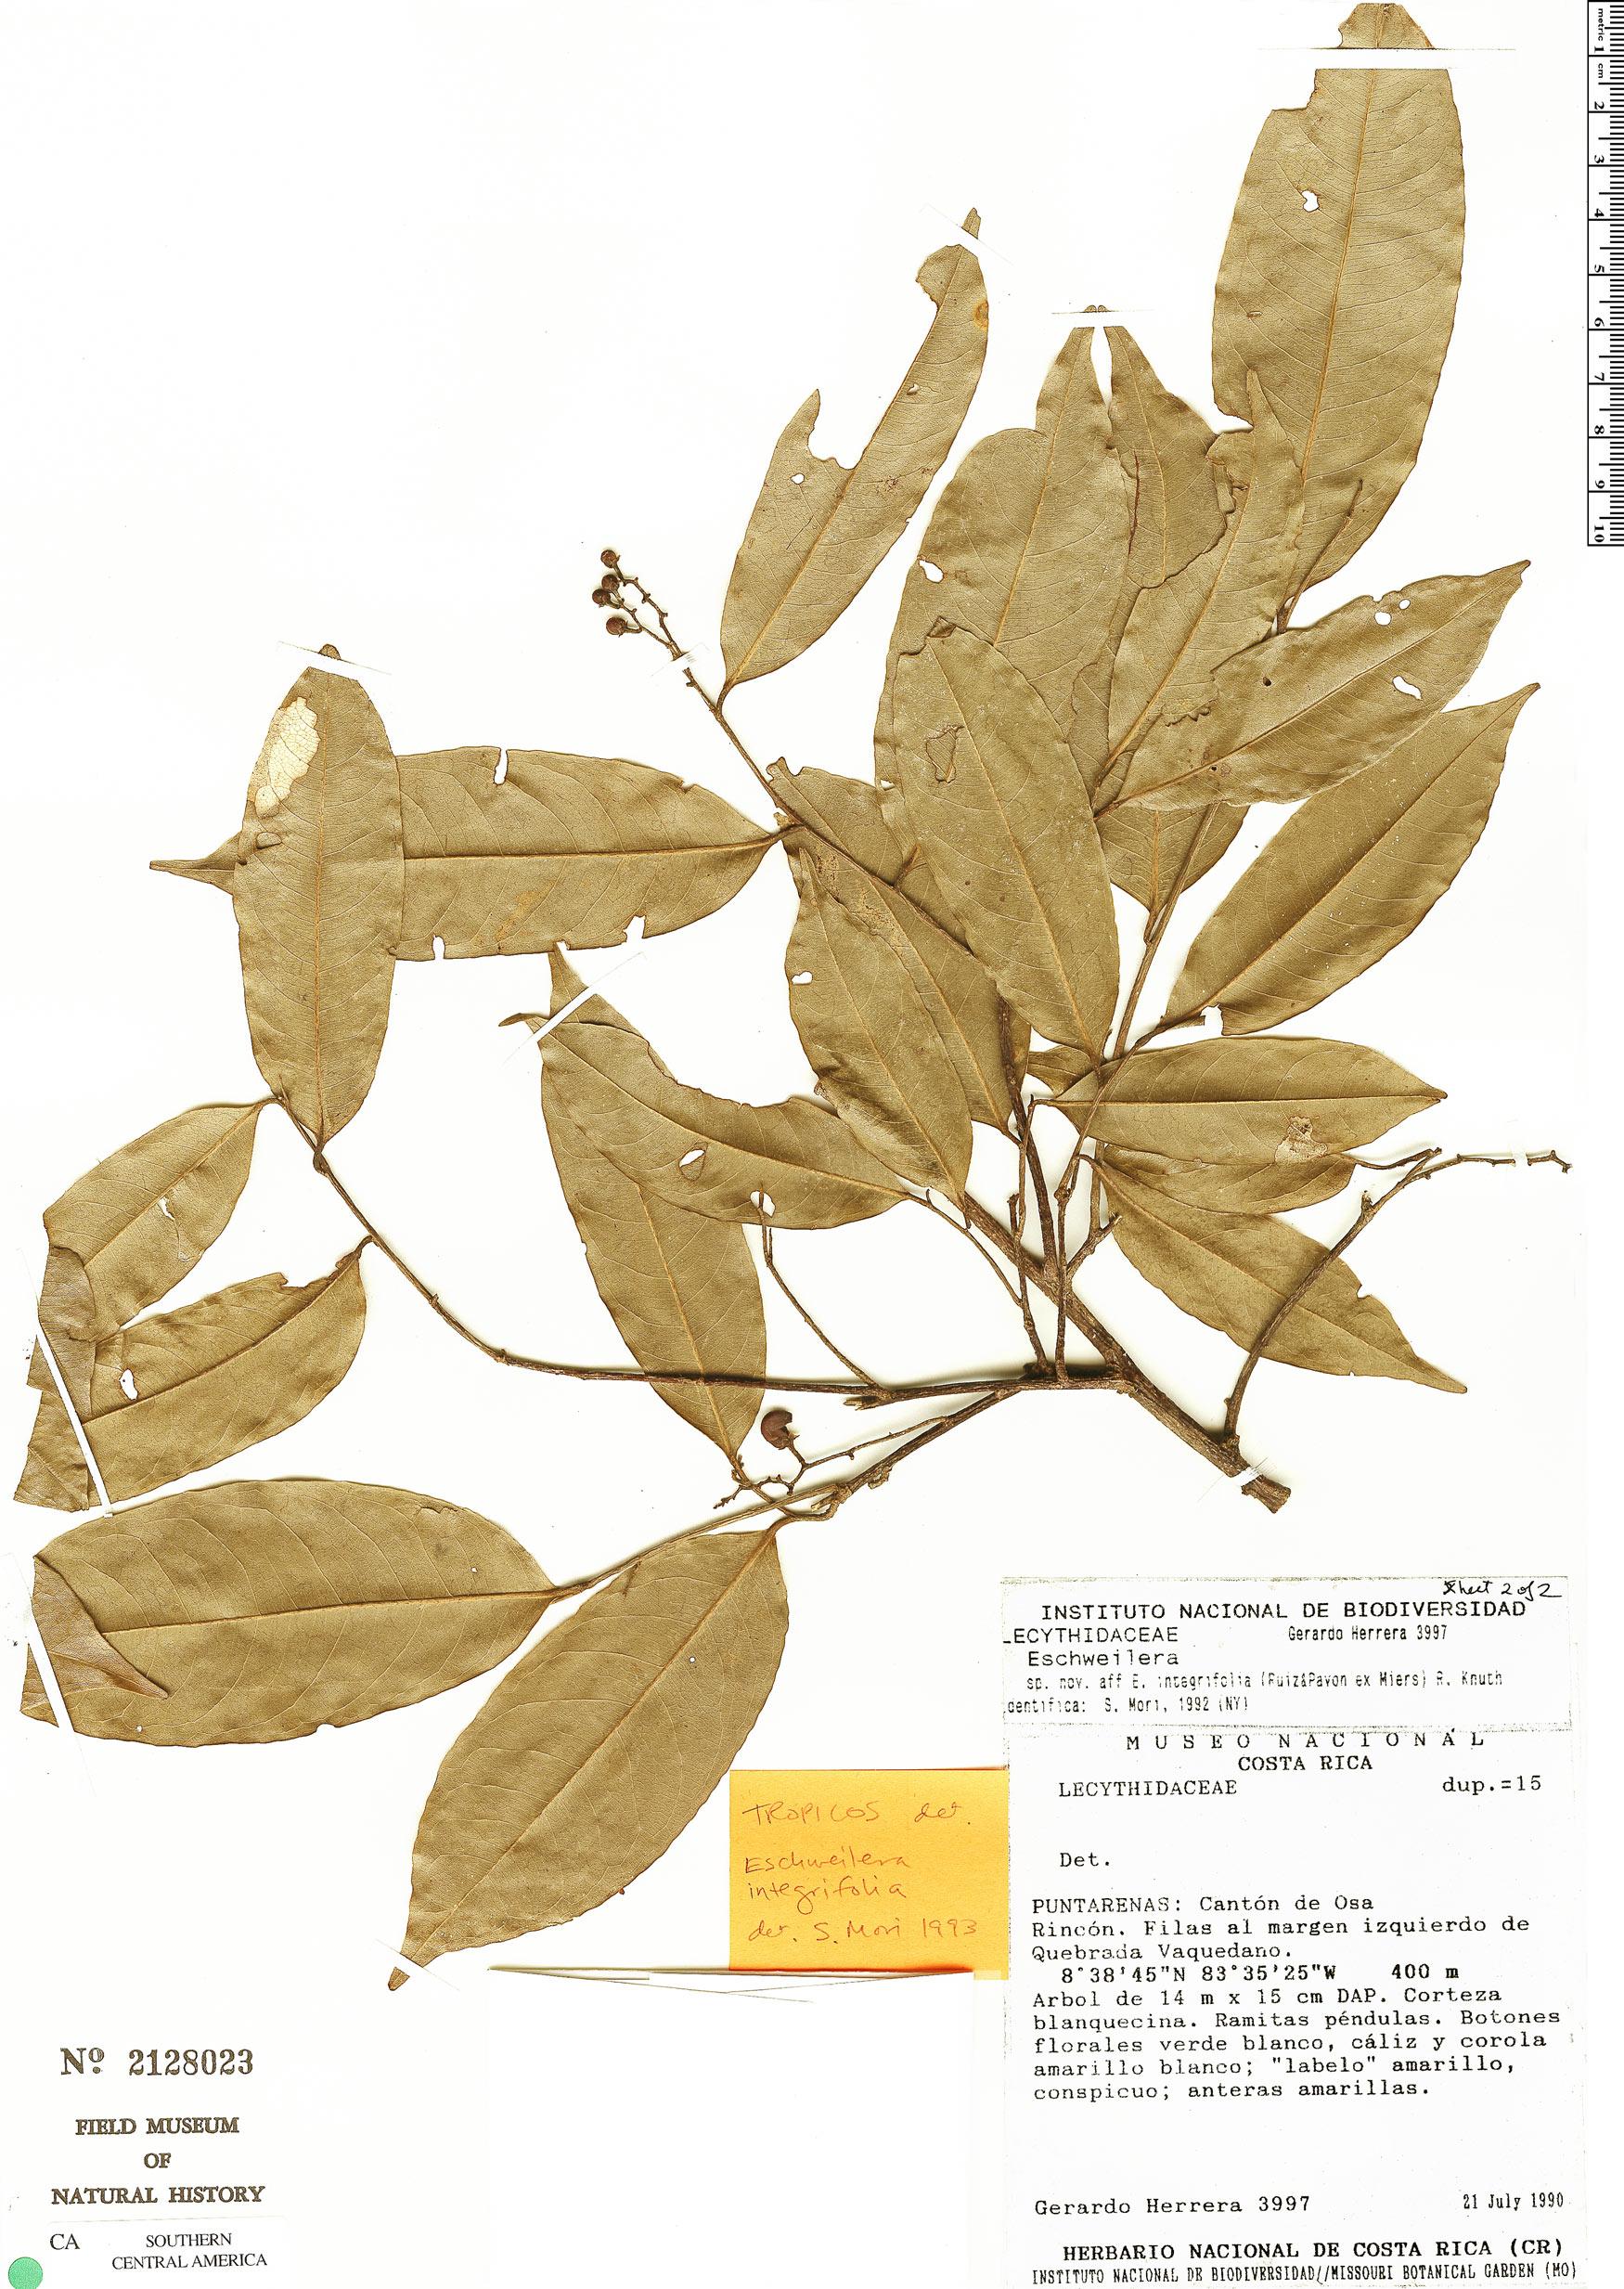 Specimen: Eschweilera aguilarii